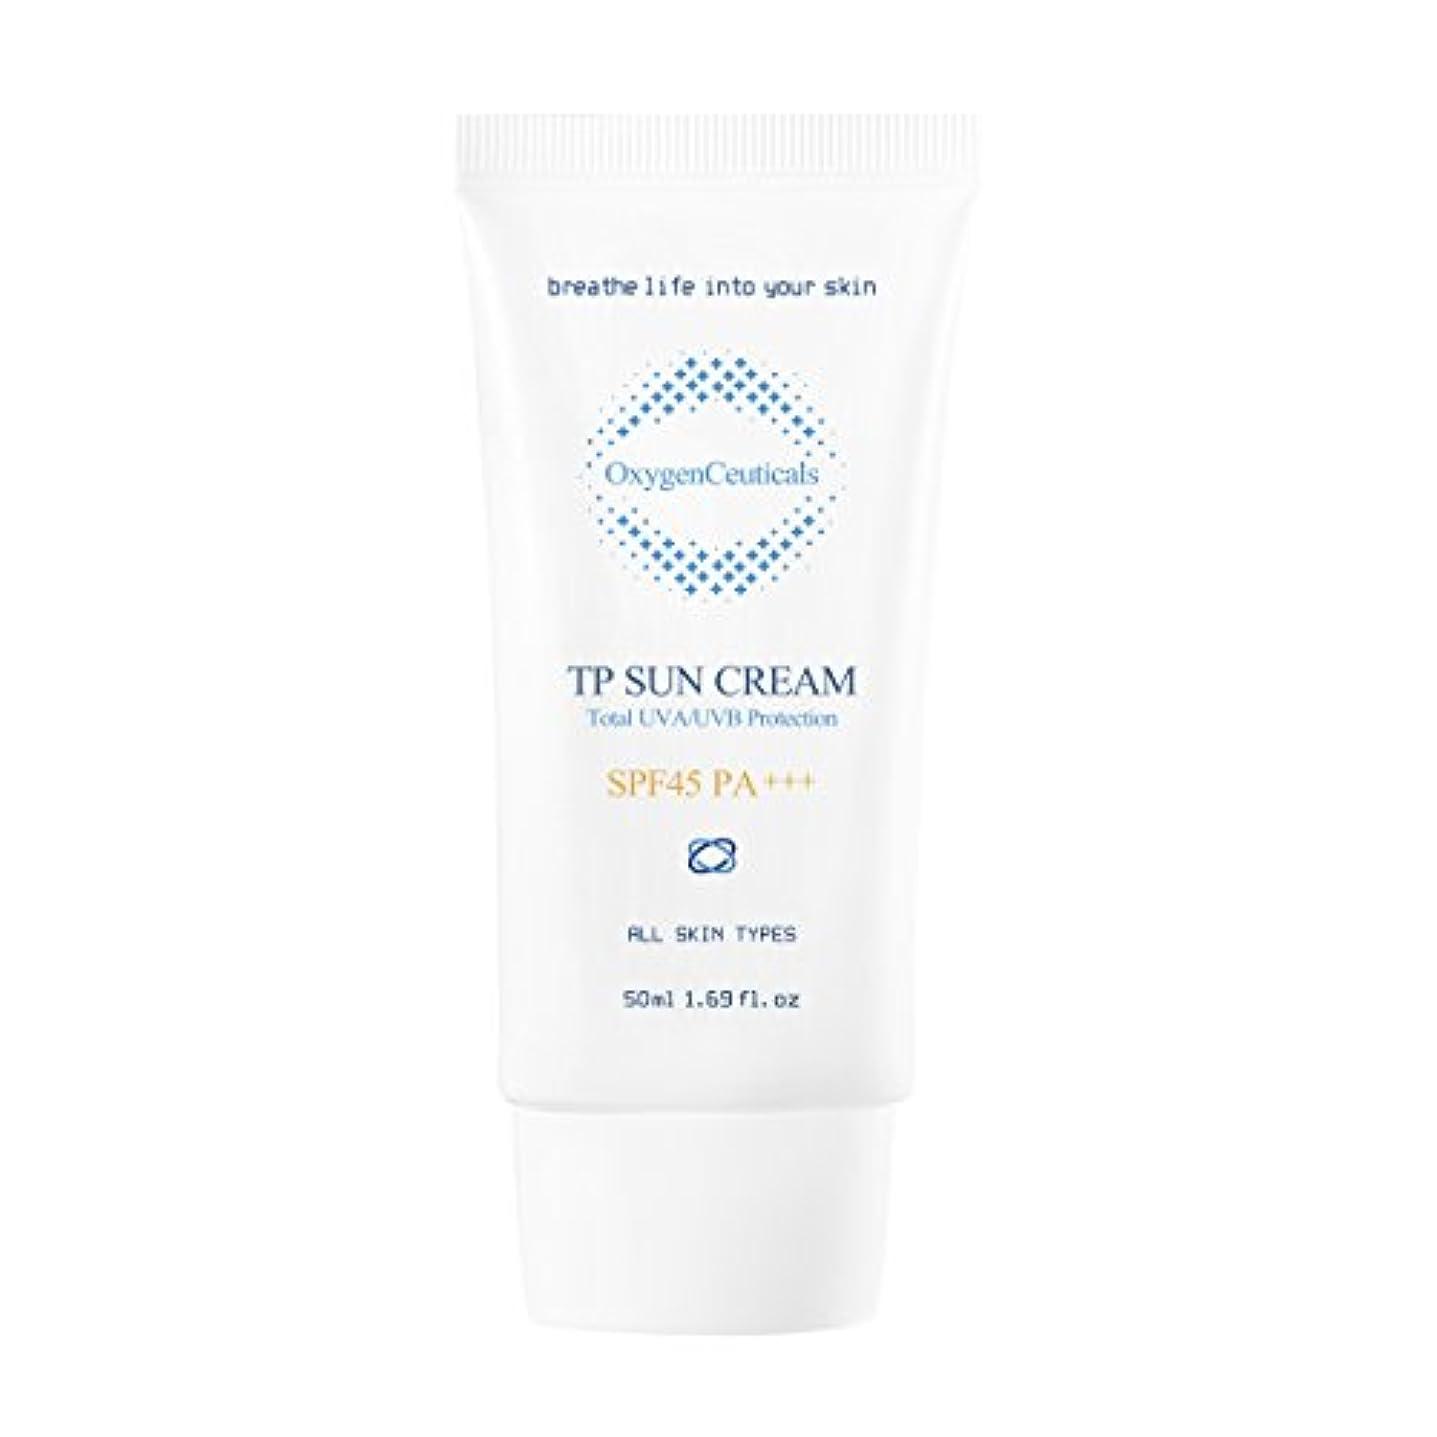 癒す仕方郊外オキシジェンシューティカルズ 酸素サンクリーム(保湿日焼け止め) 50ml. TP Sun Cream 50ml. [SPF45 PA+++] X Mask Pack 1p.